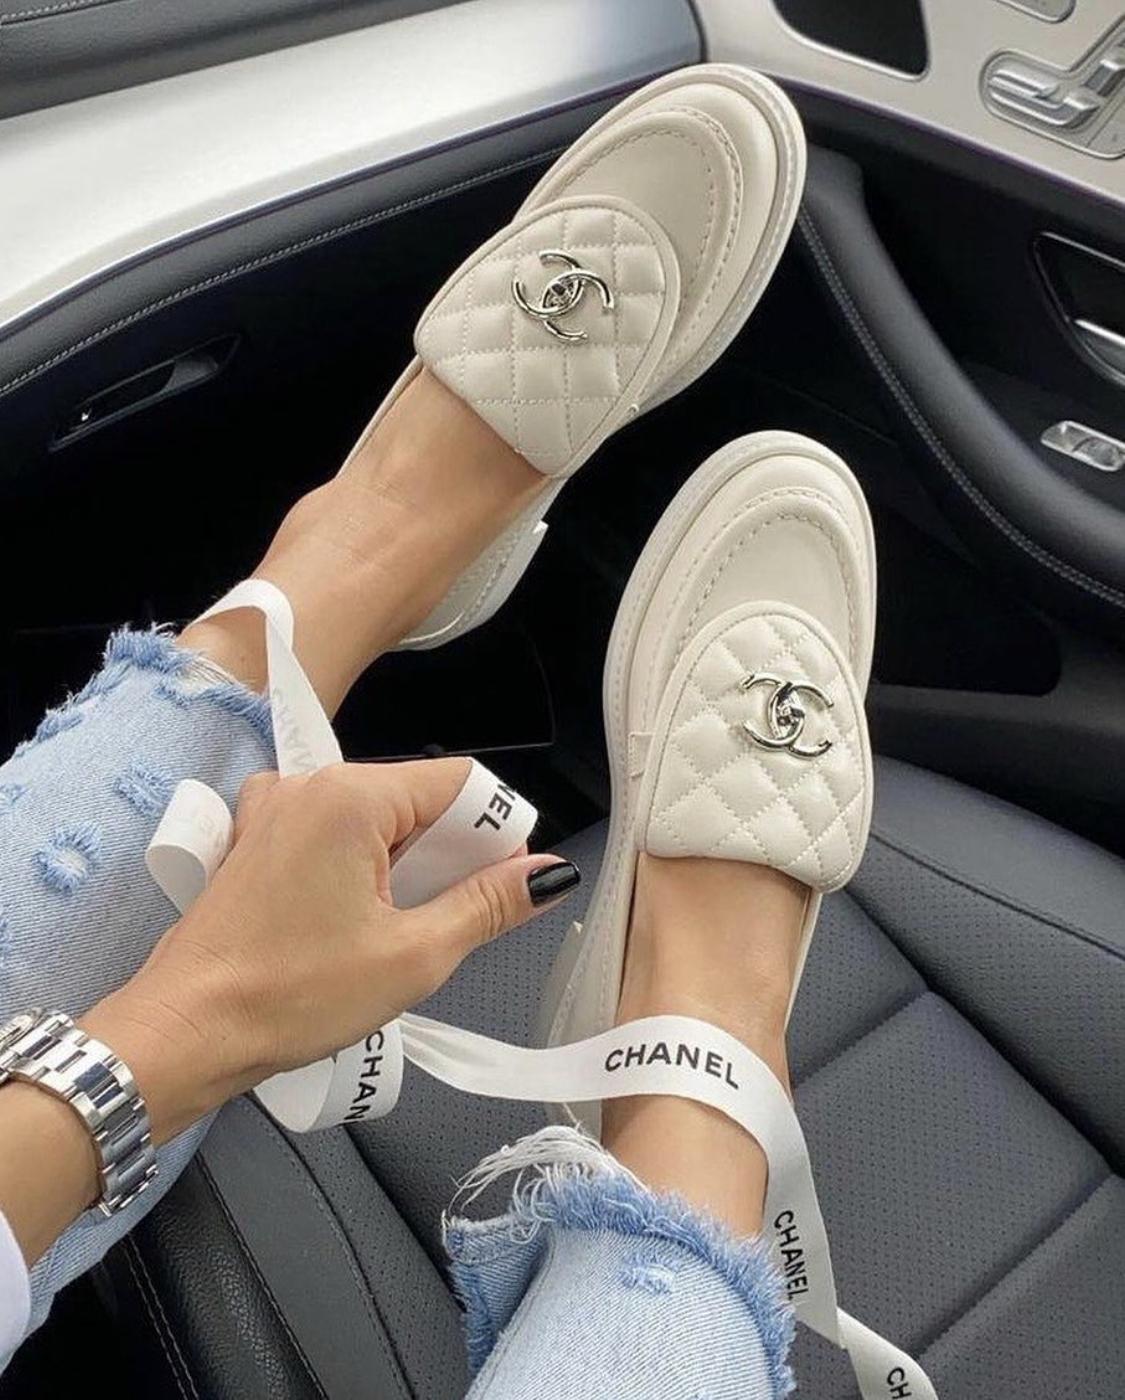 Giày lười chanel trắng